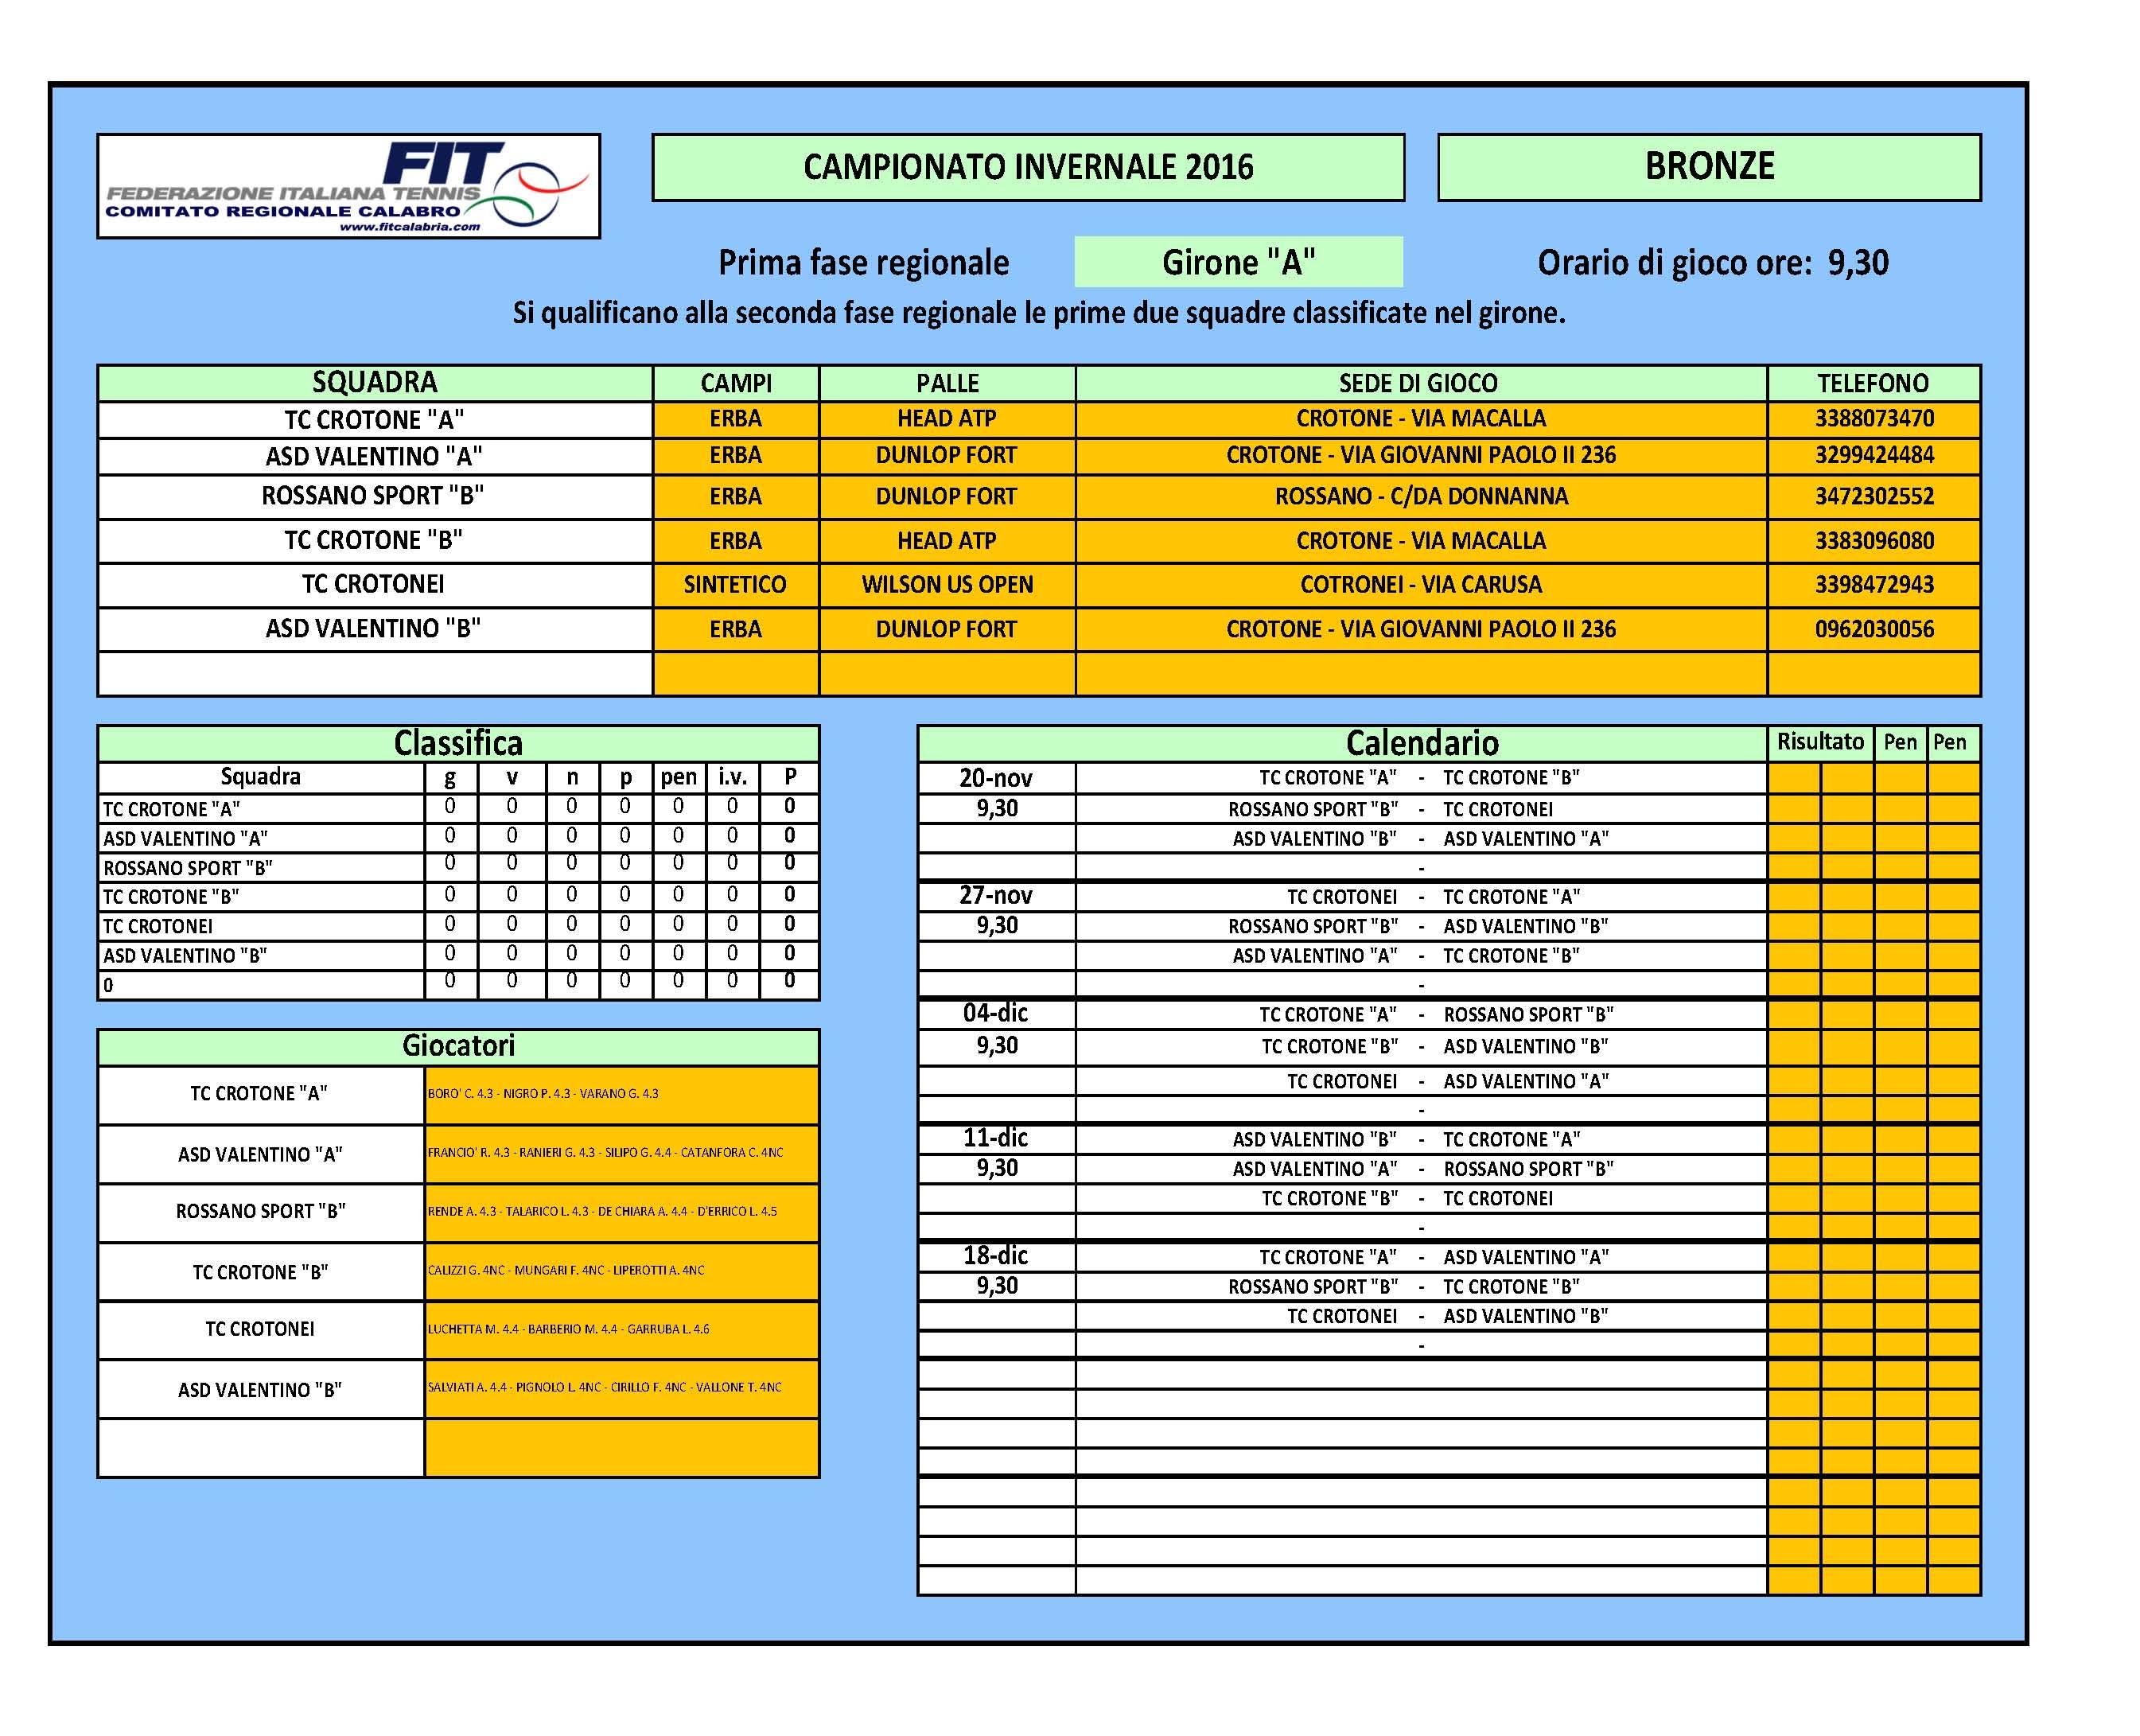 calendario-bronze-m-2016-girone-a_pagina_1